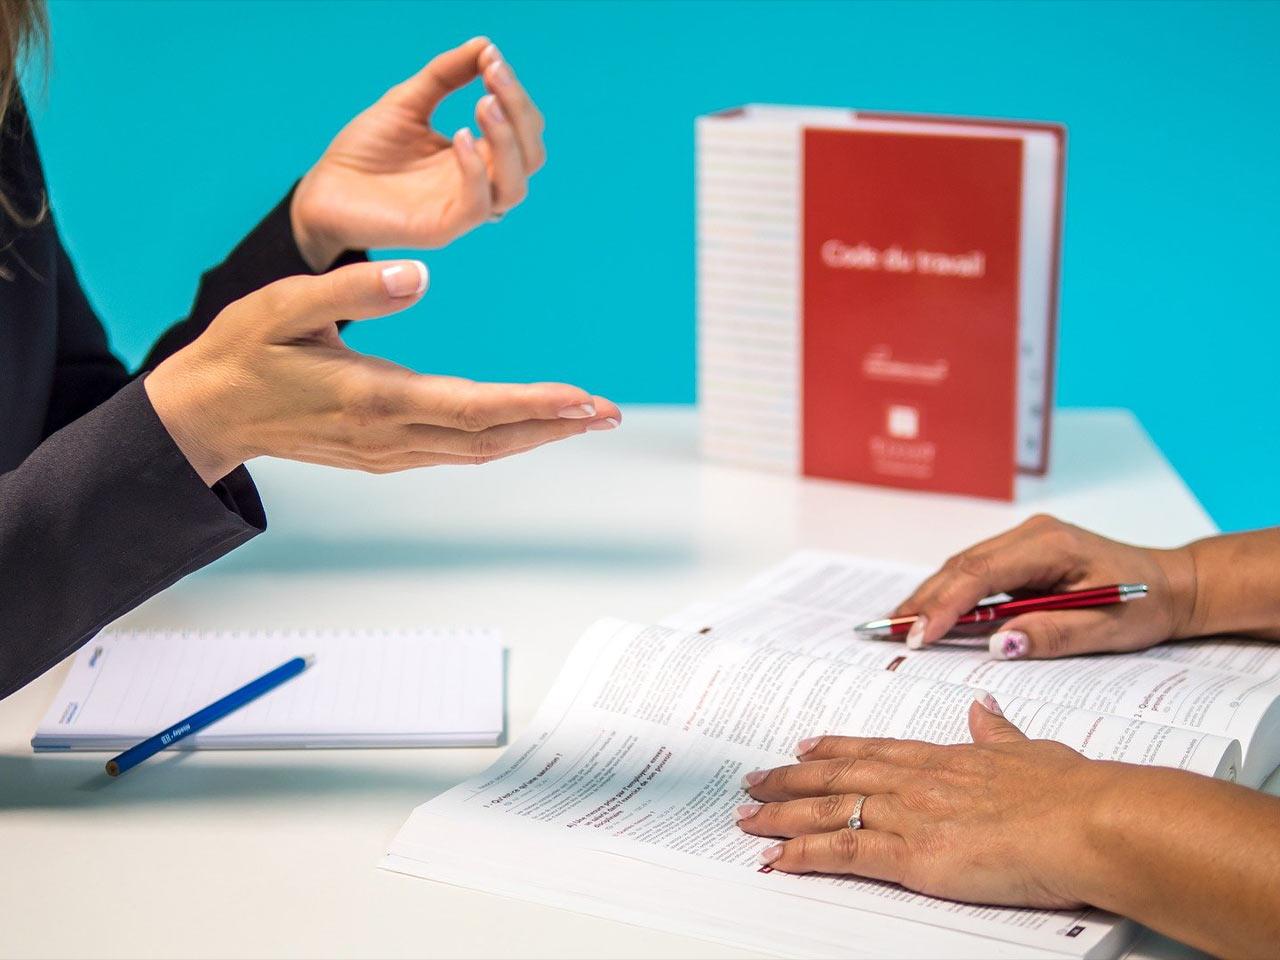 Arbeitsschutz-Regelwerk